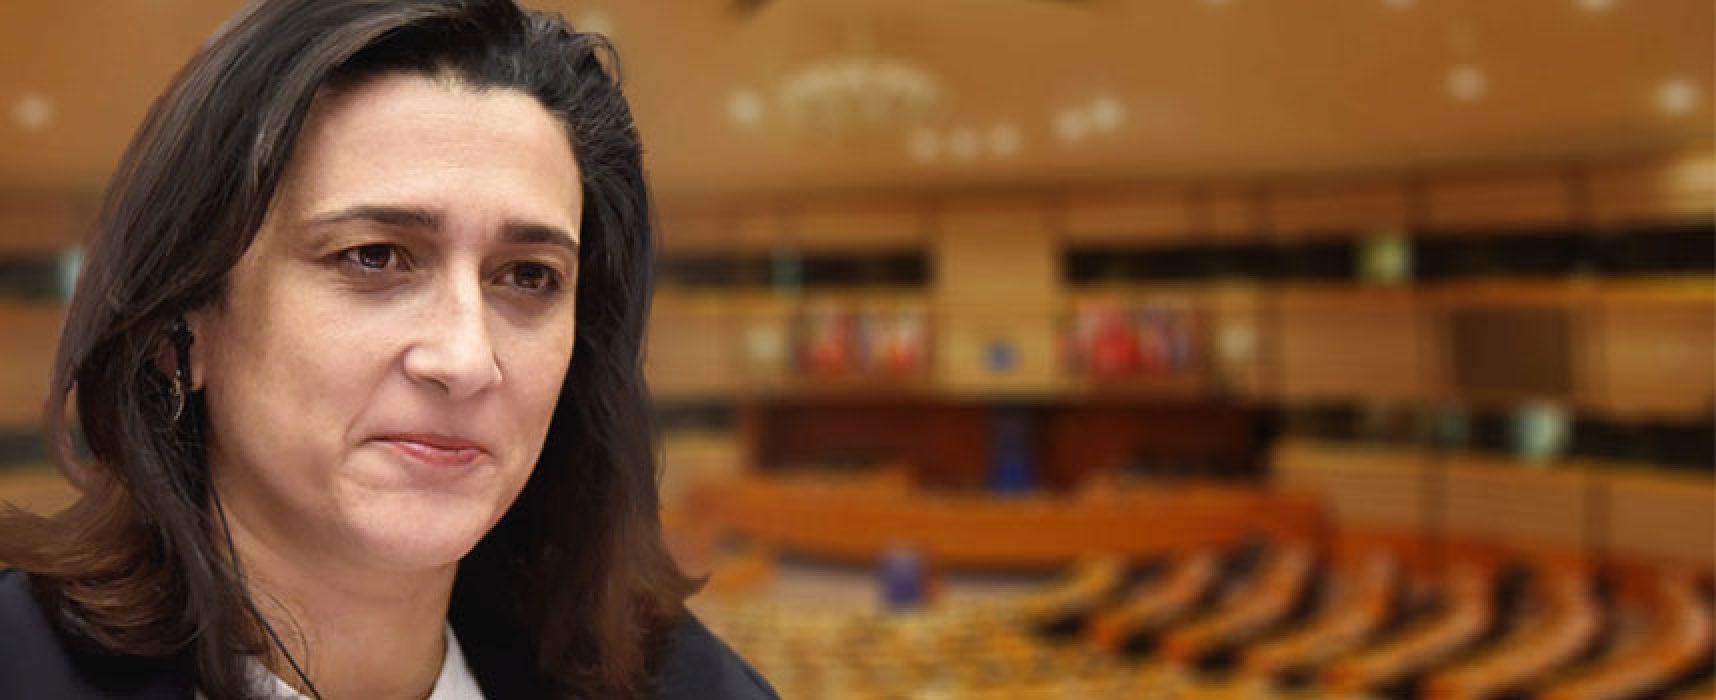 Elezioni europee, la candidata Rosa D'Amato (M5S) oggi a Bisceglie